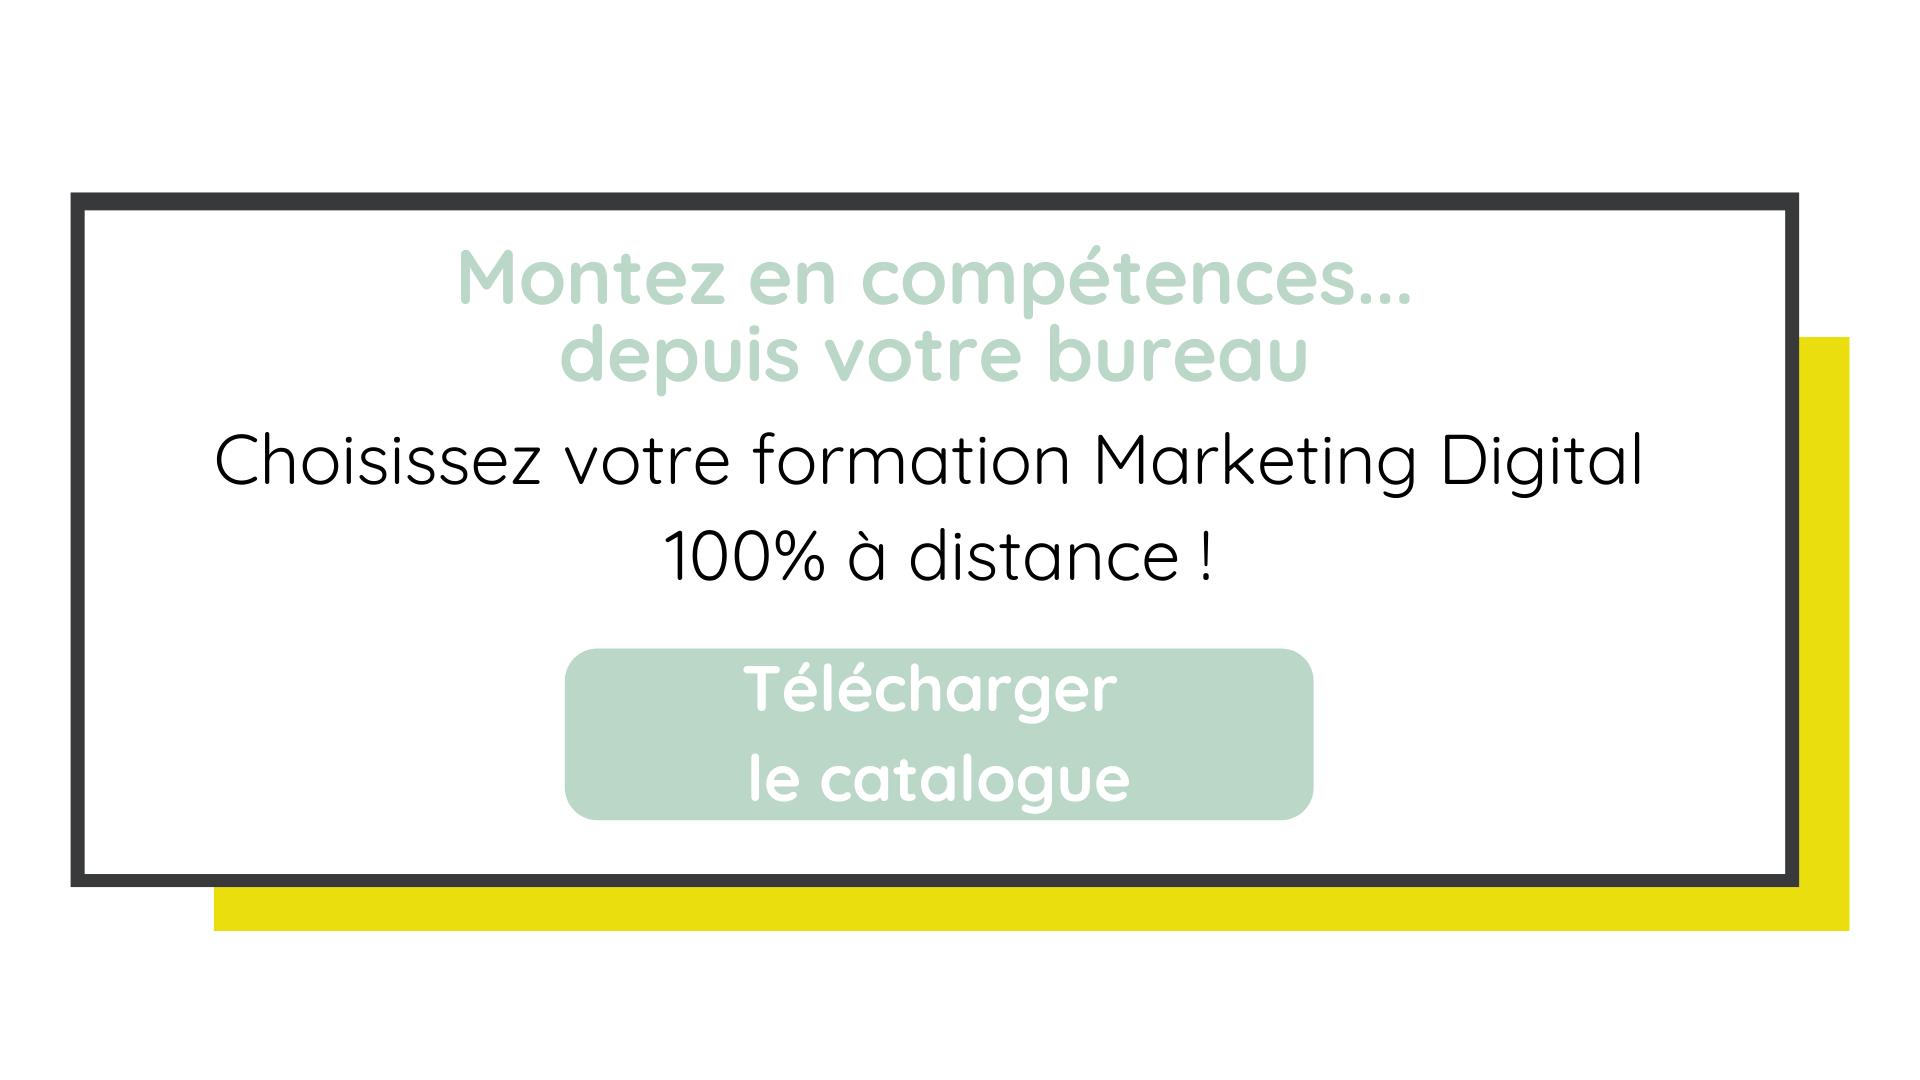 telecharger-catalogue-formation-marketing-digital-en-ligne